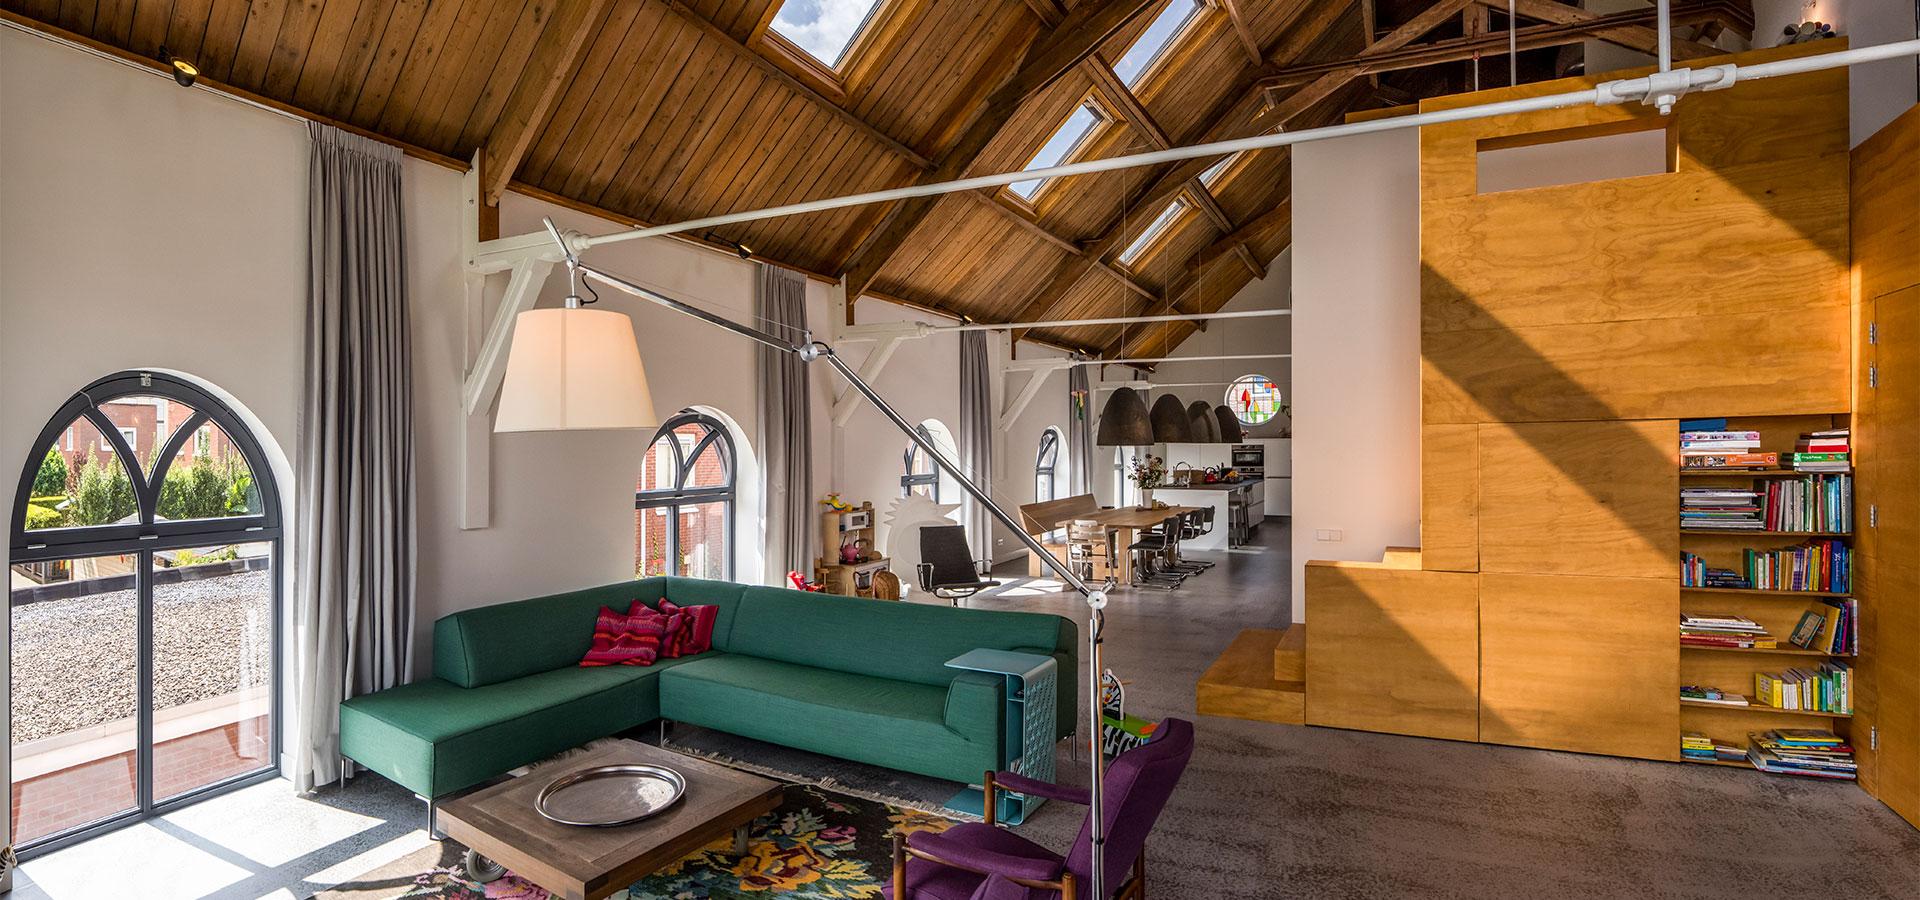 FARO architecten herbestemming kerkje Alphen aan den Rijn 06